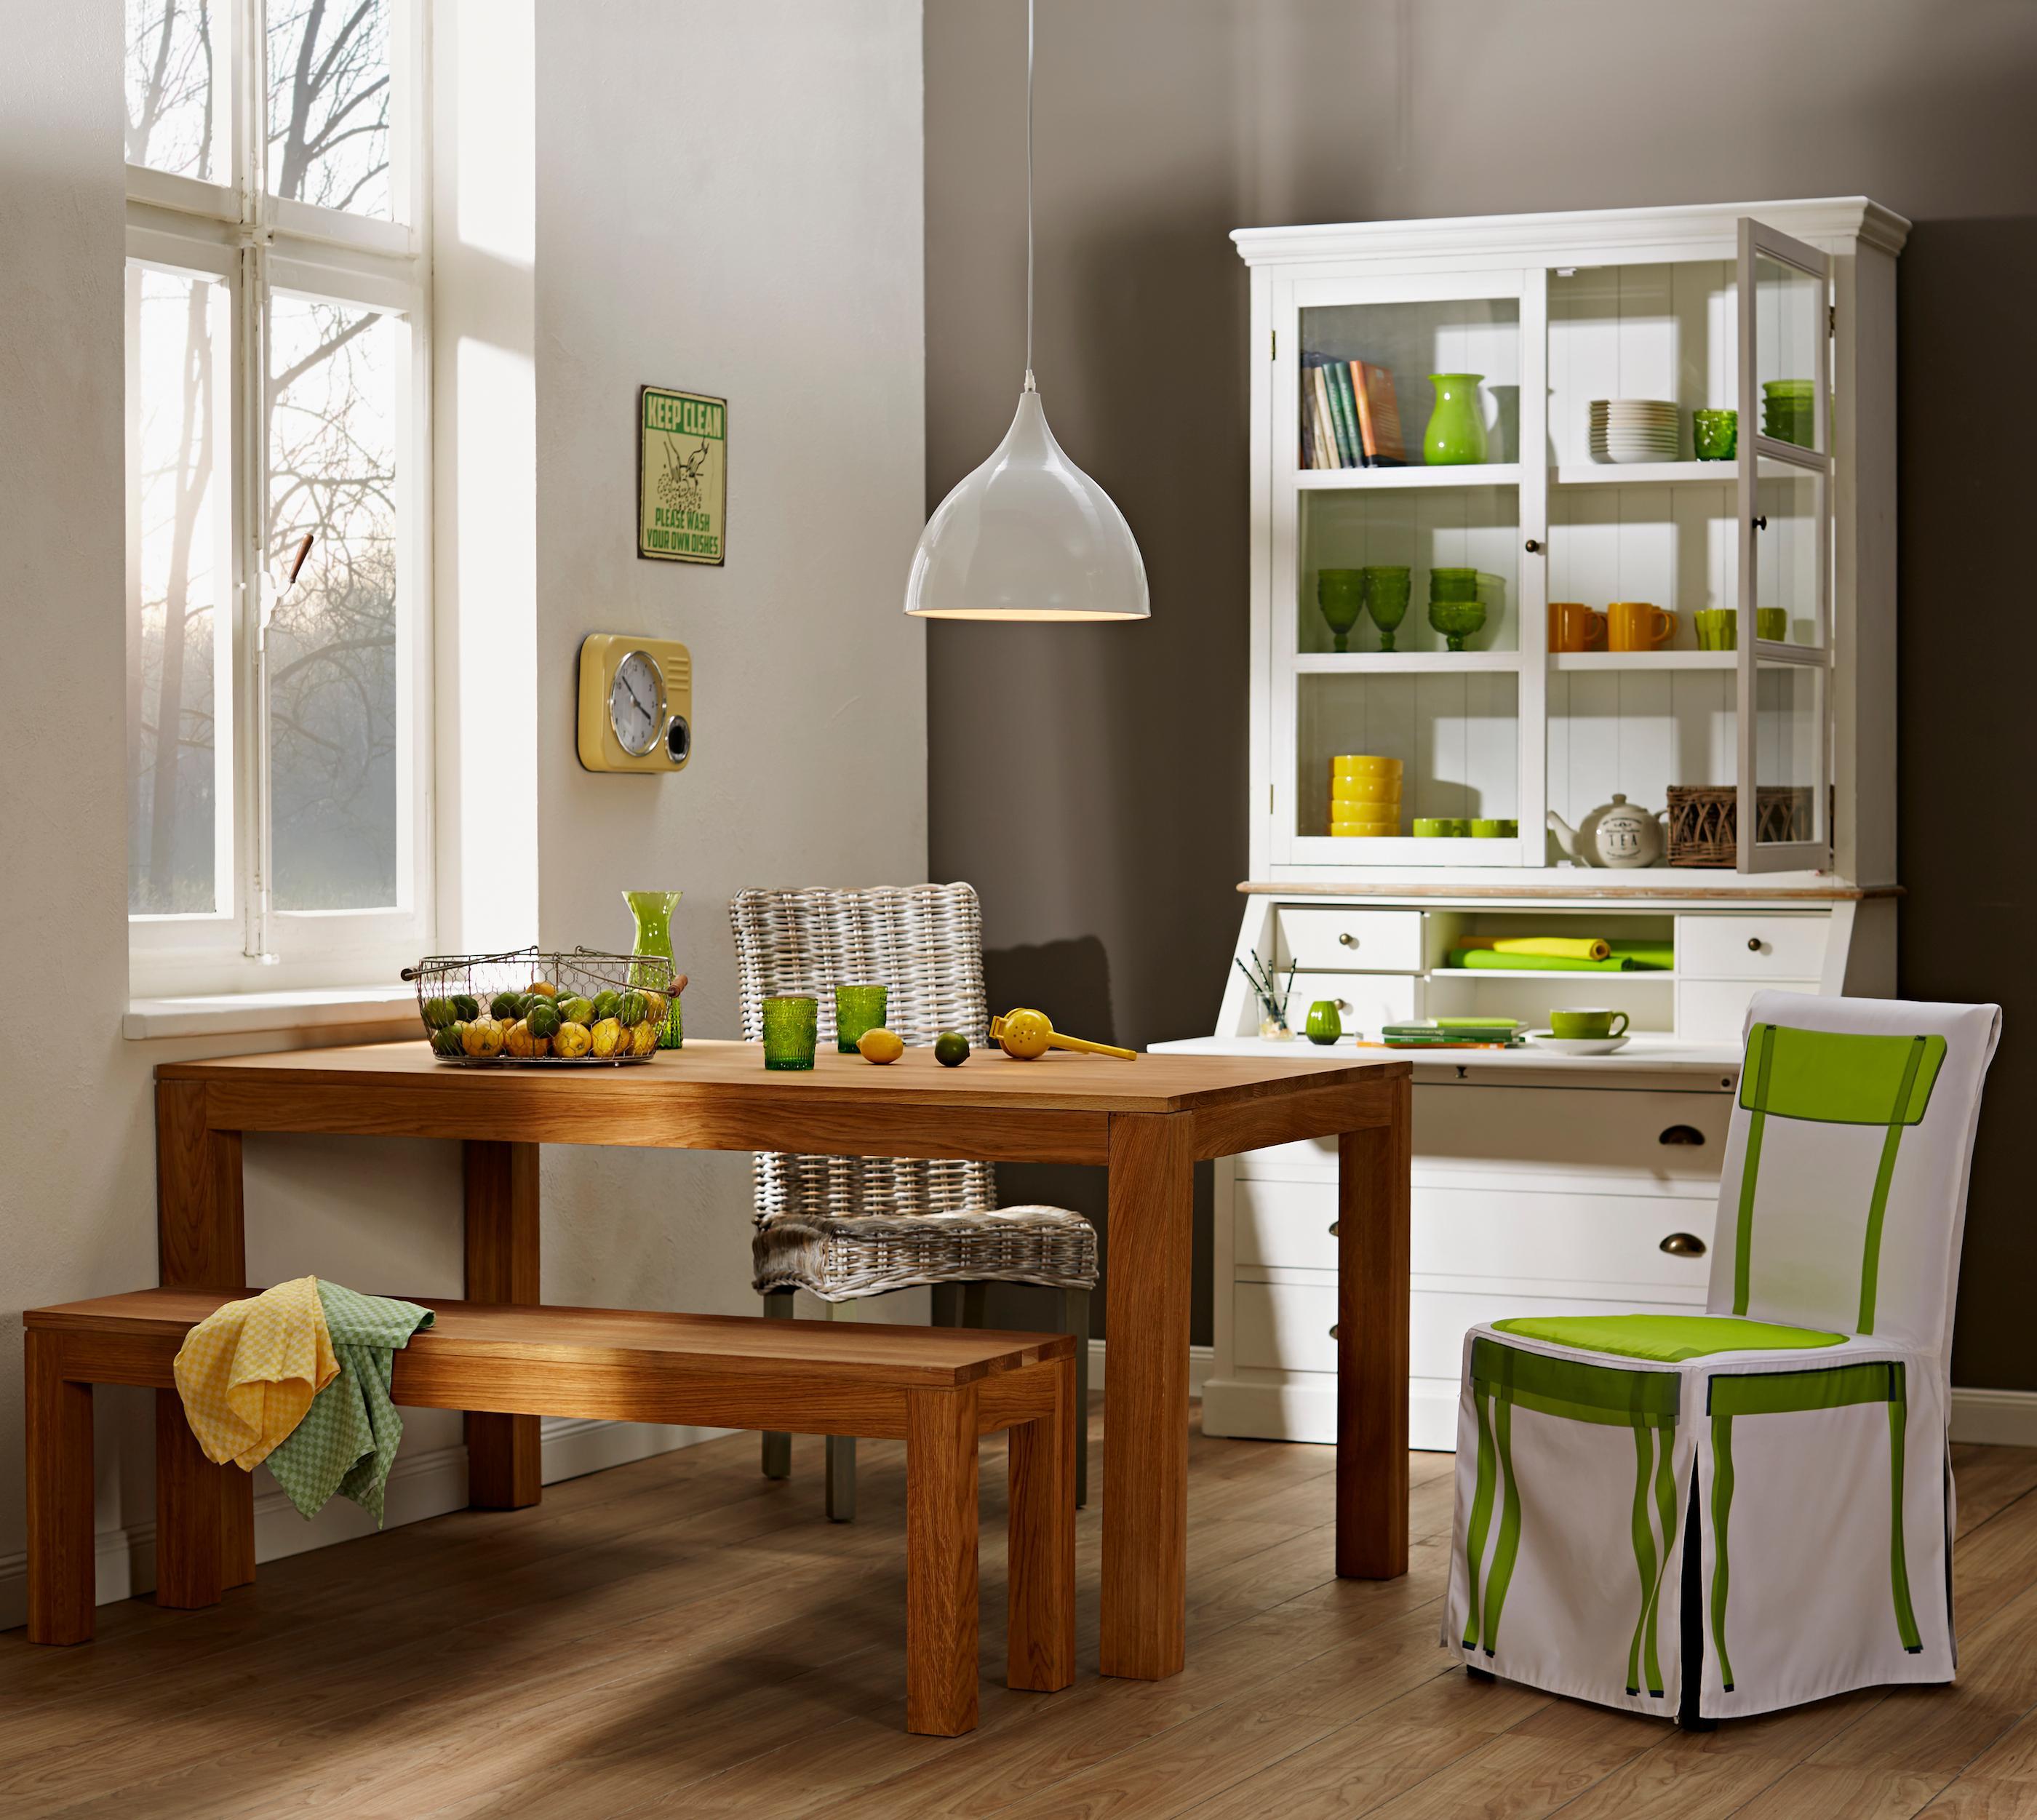 Perfekt Küchenstyling BUTLERS Set Design By Rasa En Détail #küche #wandfarbe  #esstisch #holzbank